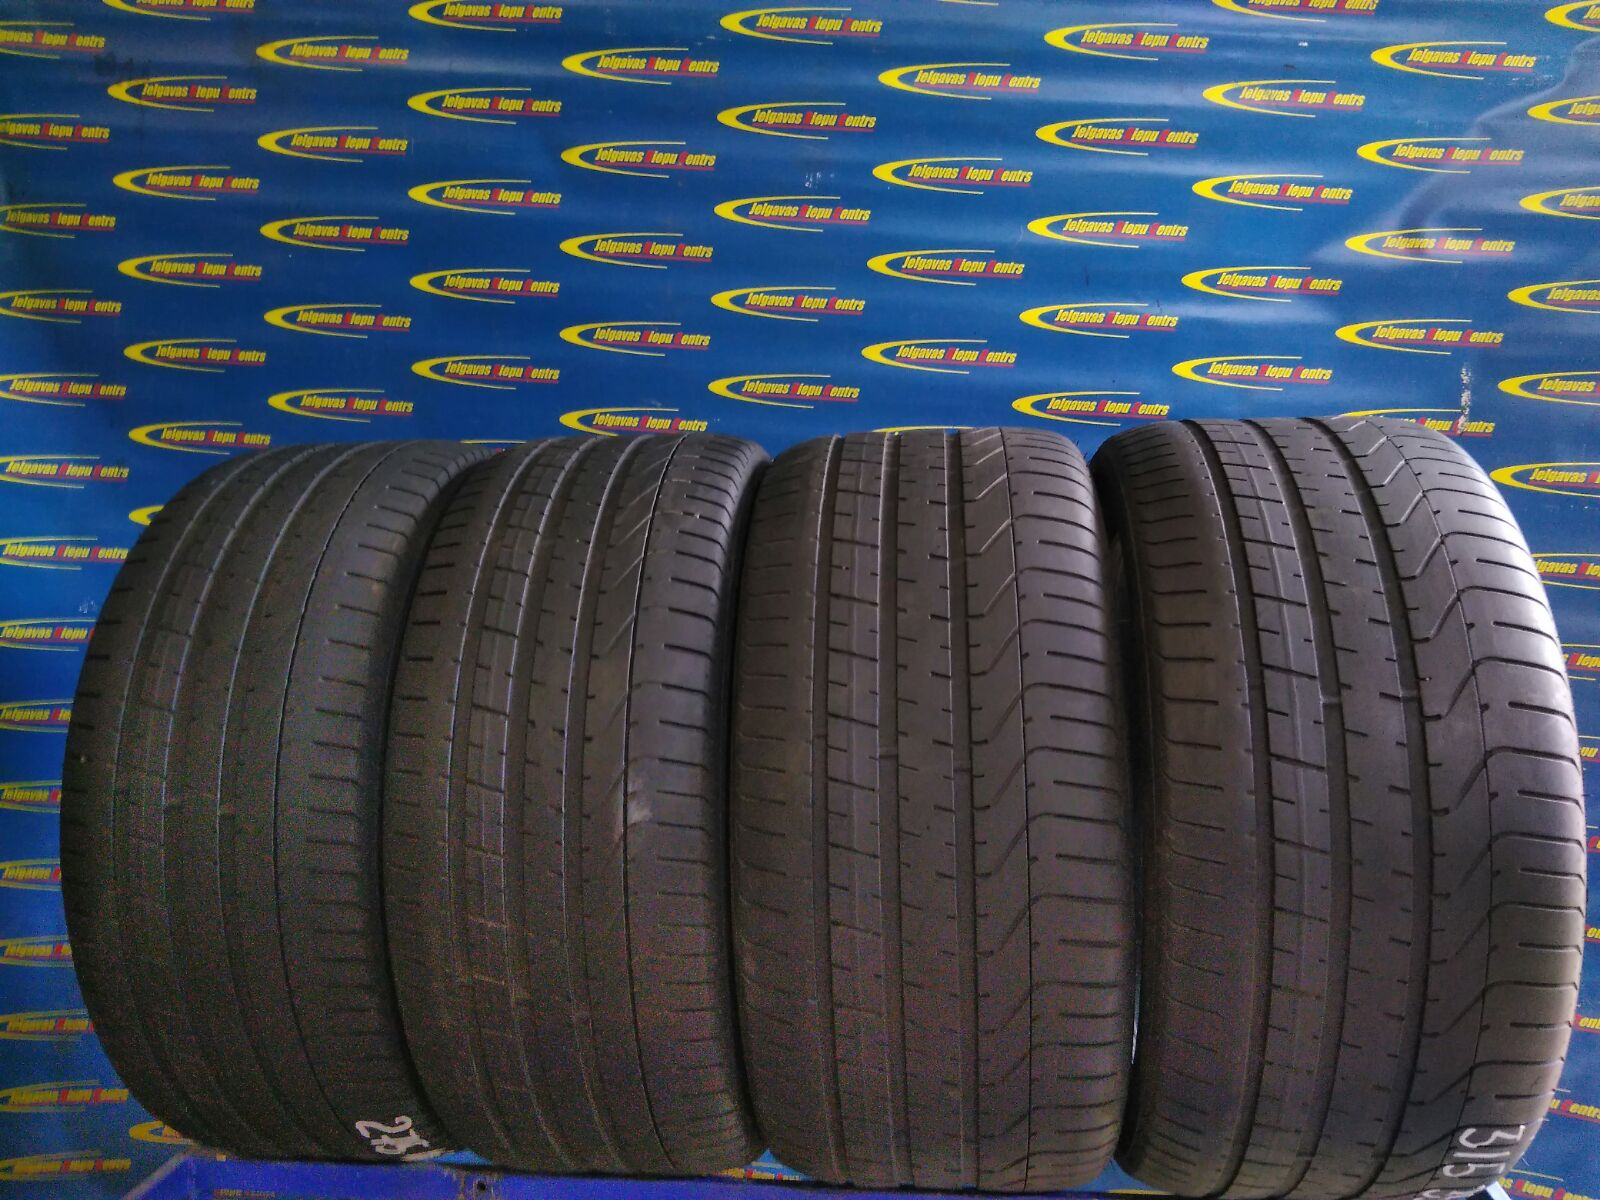 Lietota 275/40/R20 105W Pirelli P Zero RFT (protektora dziļums 3.5...3mm)